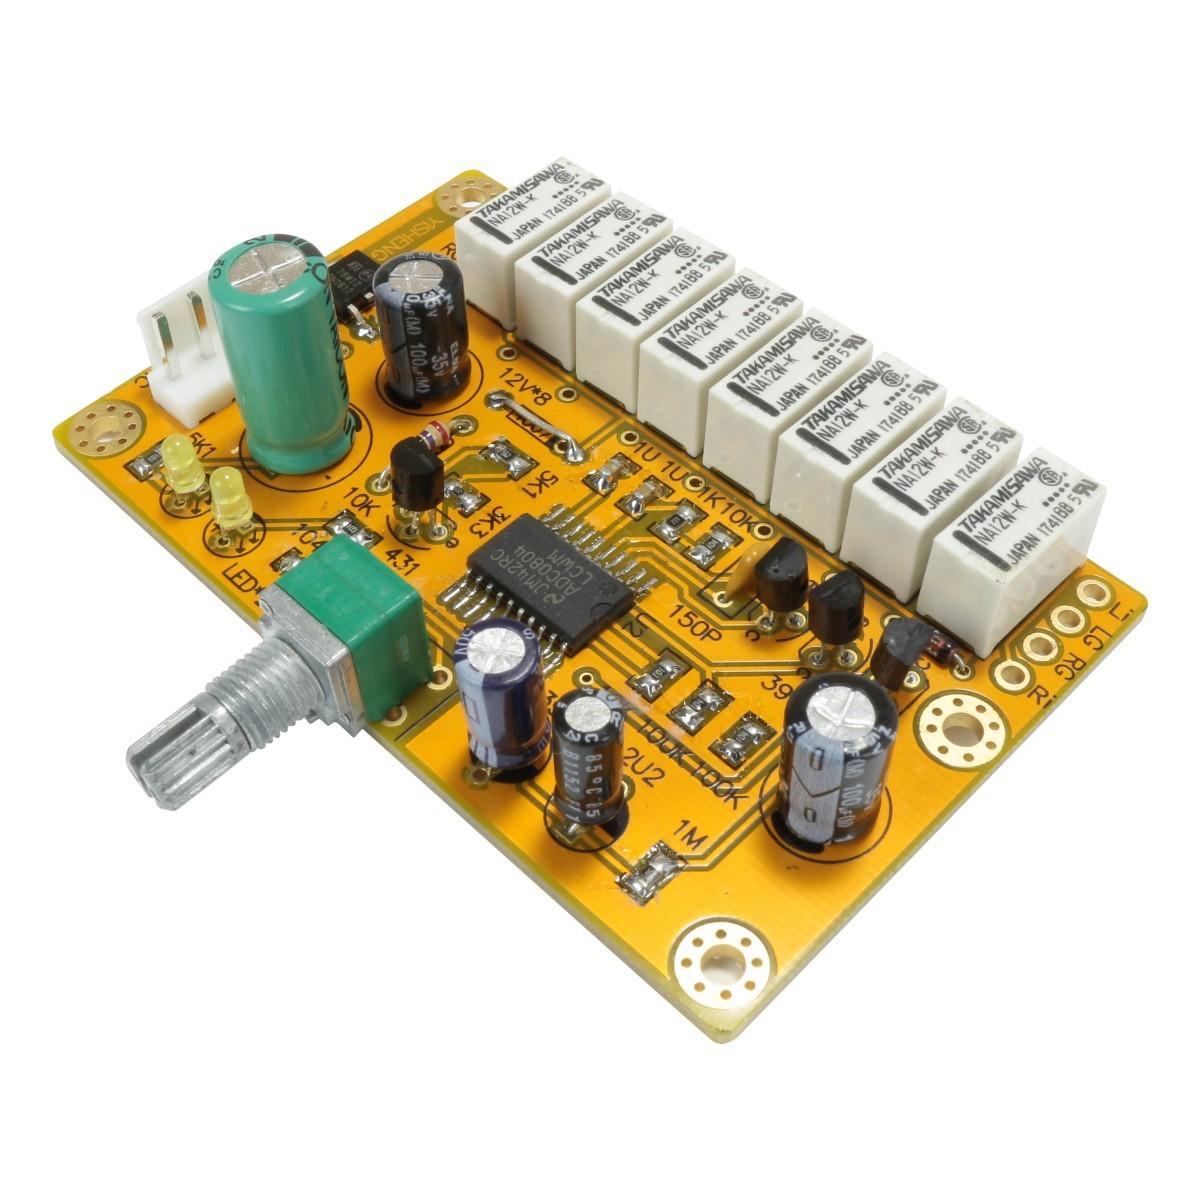 Module contrôle de volume passif à résistances 8bit 256 niveaux par porte logique